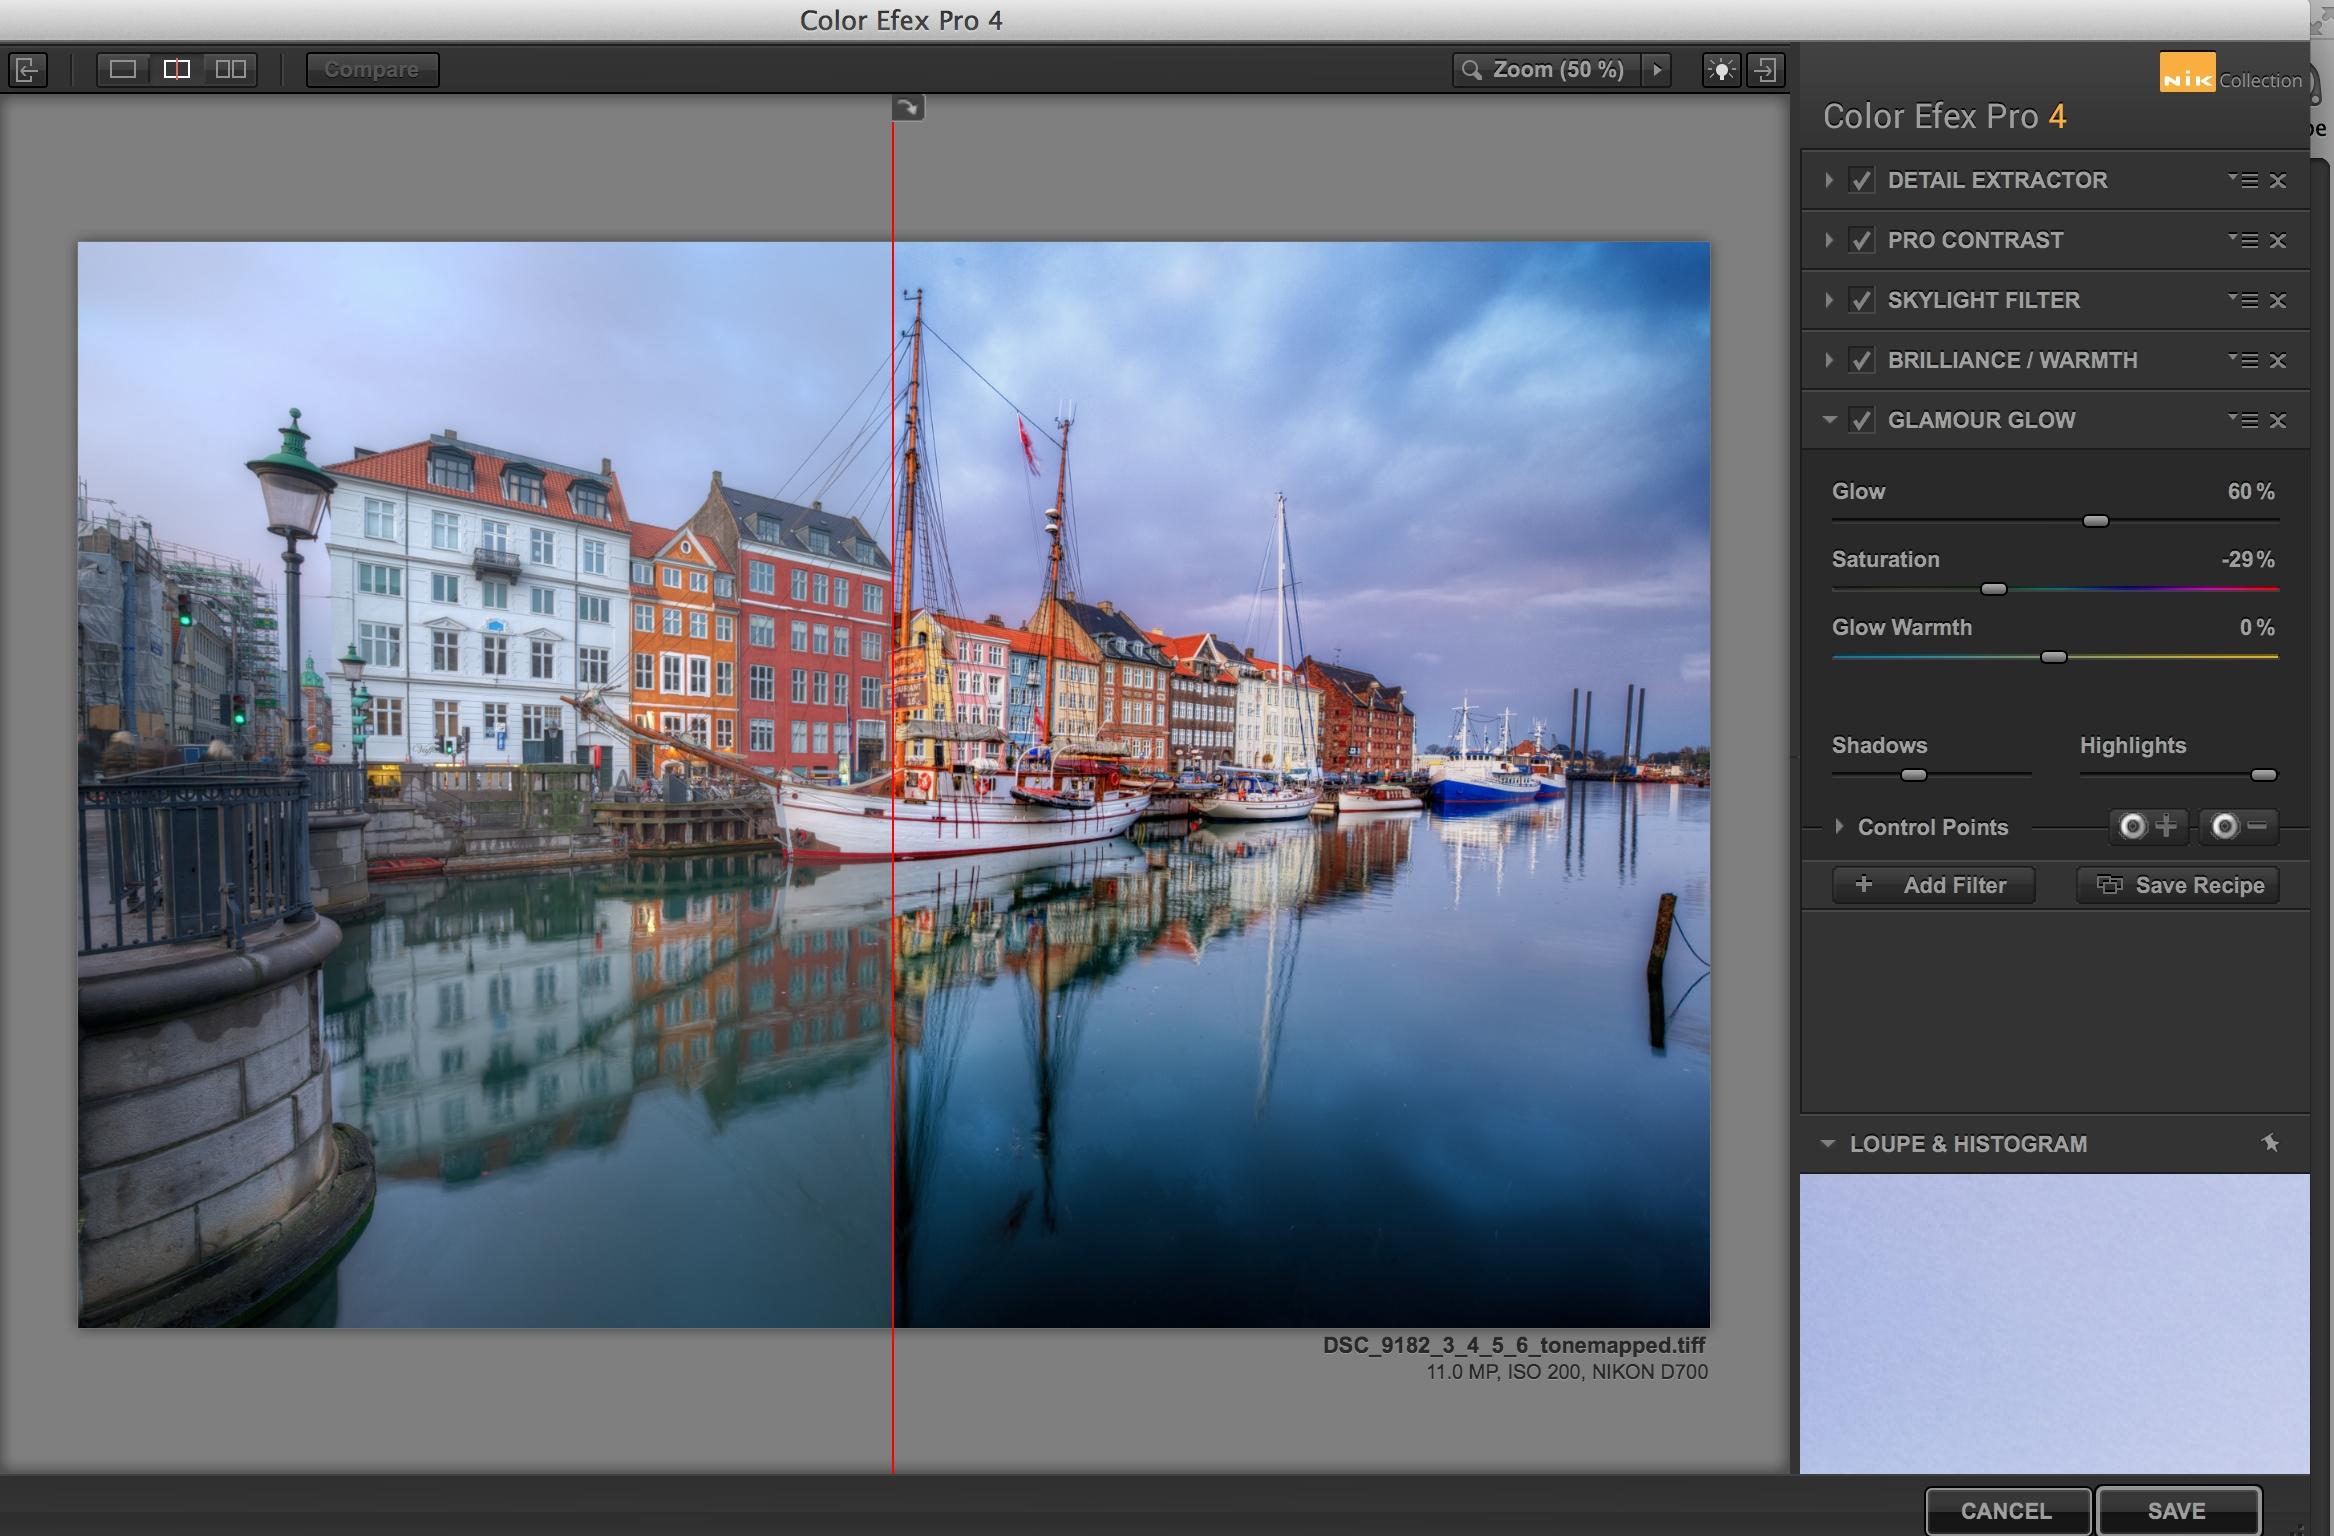 nyhavn-screenshot-before-after-hdr.jpg